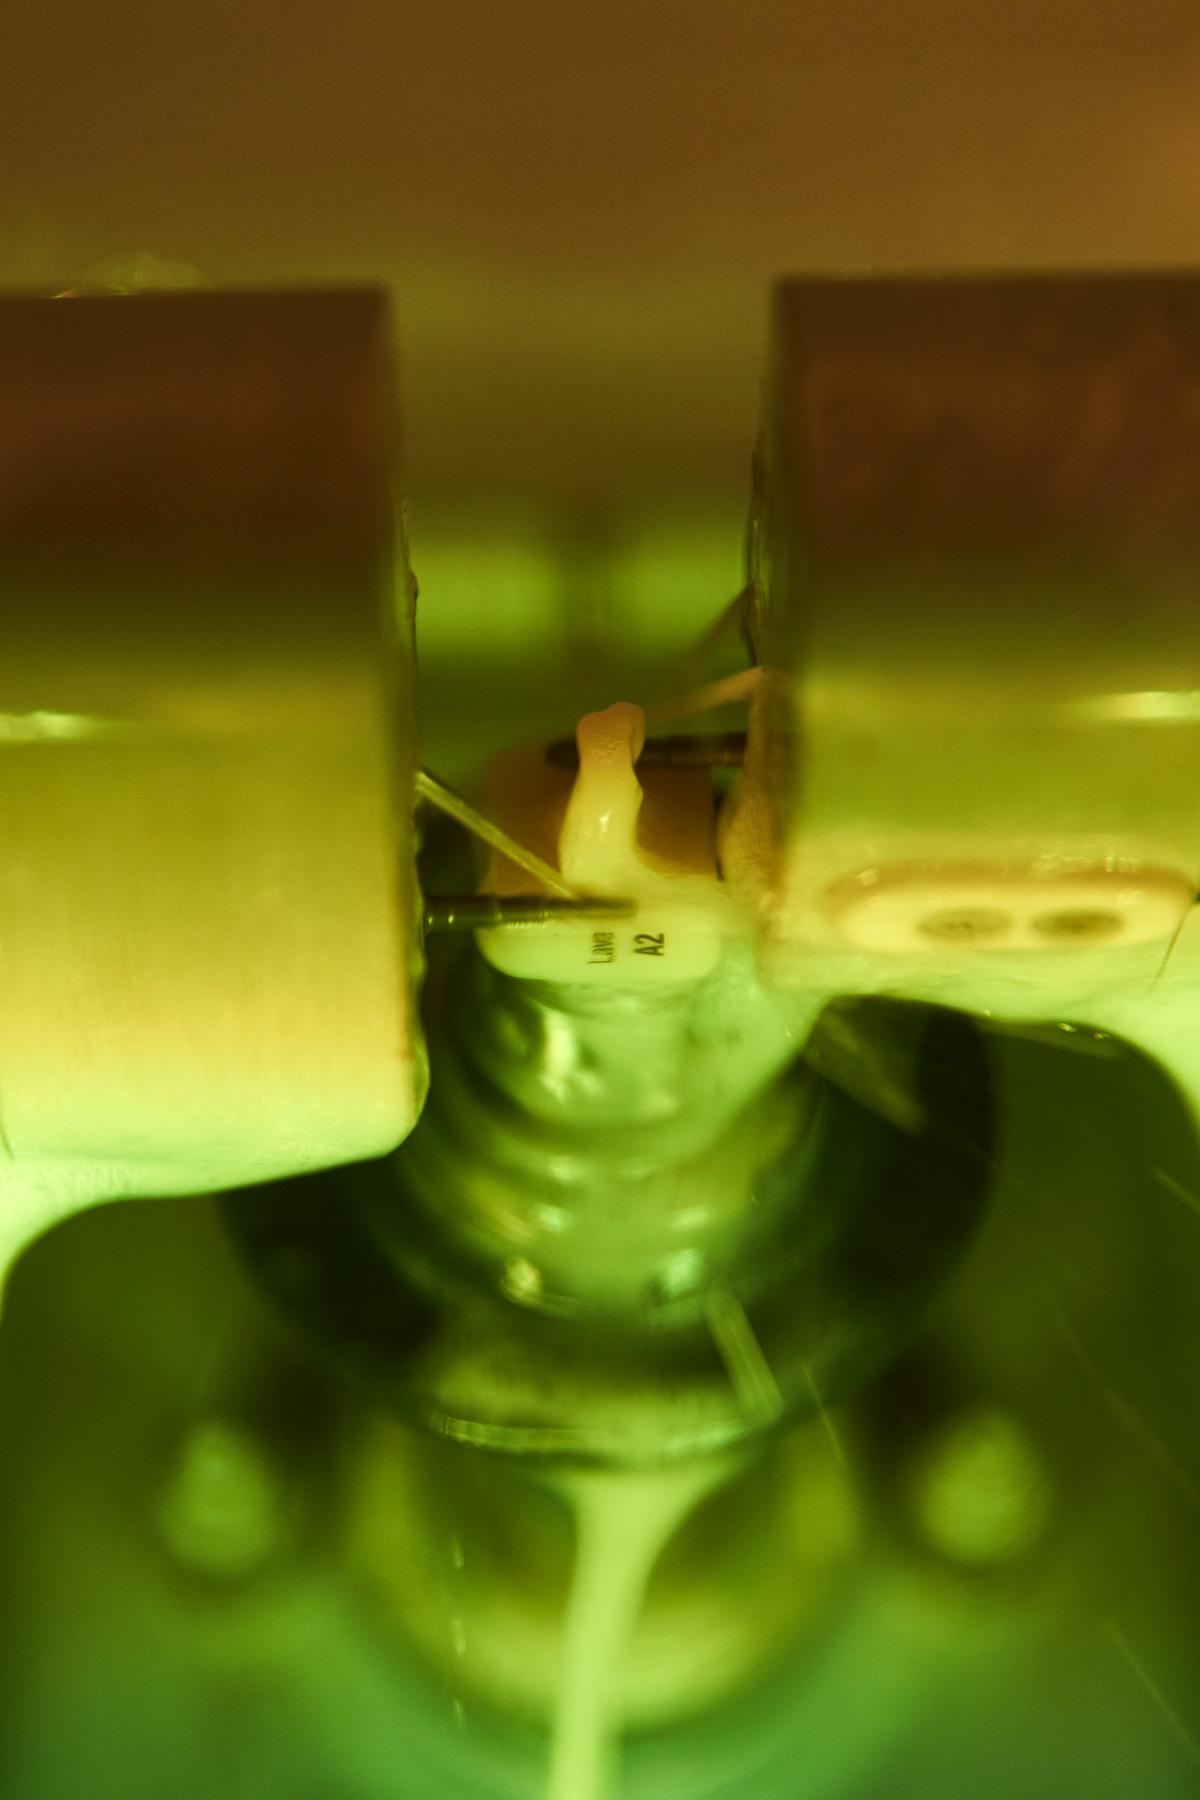 CEREC - → Präzise Computertechnik für gesunde Zähne→ Schont die gesunde Zahnsubstanz→ Kein Abdruck→ Nur ein Behandlungstermin (kein Provisorium, nur einmal Betäuben)→ Perfektes Aussehen→ Lange Lebensdauer→ Biokompatible Keramik, kein Metall